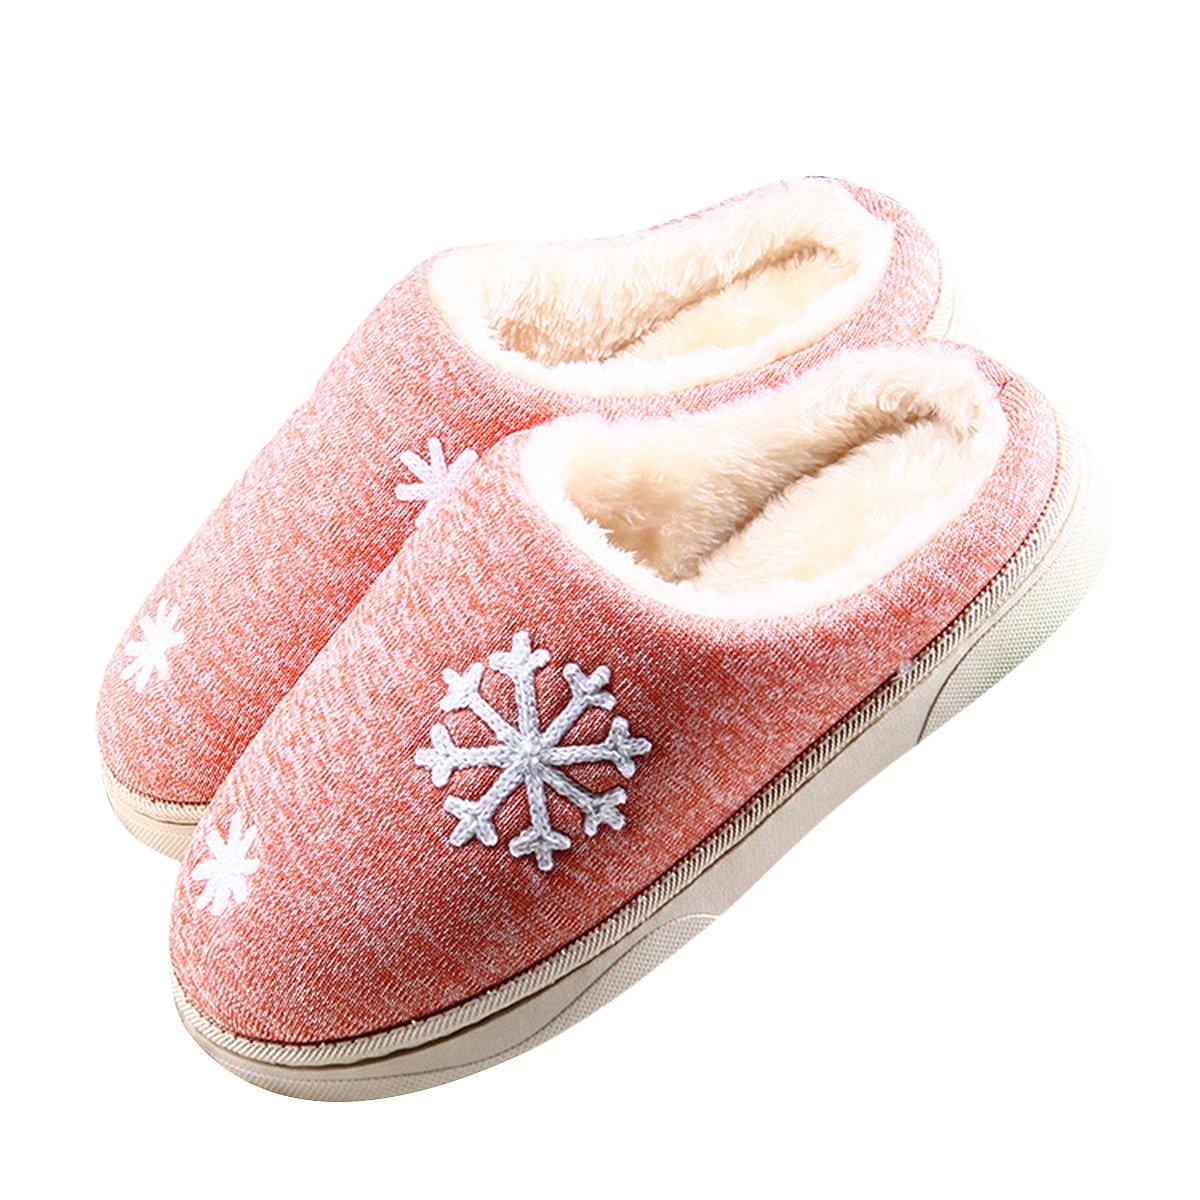 Butterme Coppie in inverno caldo peluche Pantofole fiocco di neve Pattern Mens Womens comodo interno antisdrucciolo camera da letto pantofole Arancia